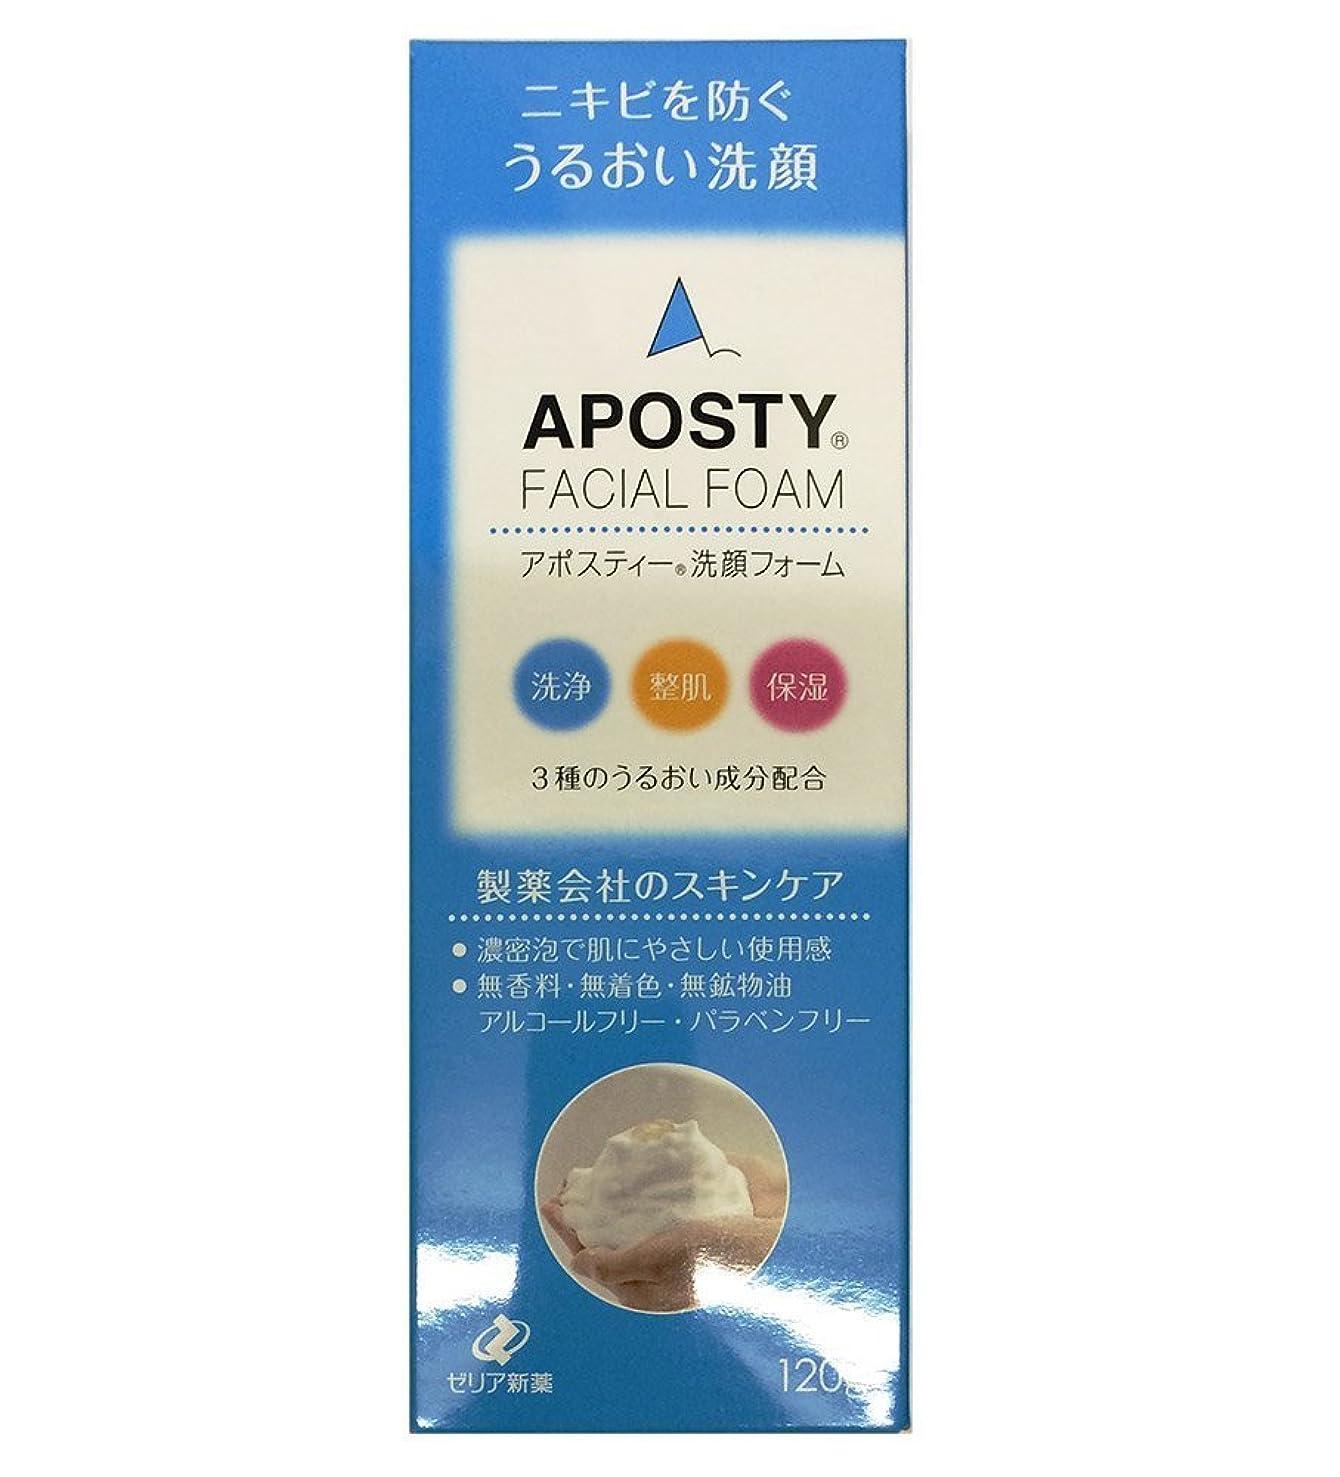 司書高さダーリンゼリア新薬工業 アポスティー 洗顔フォーム 120g